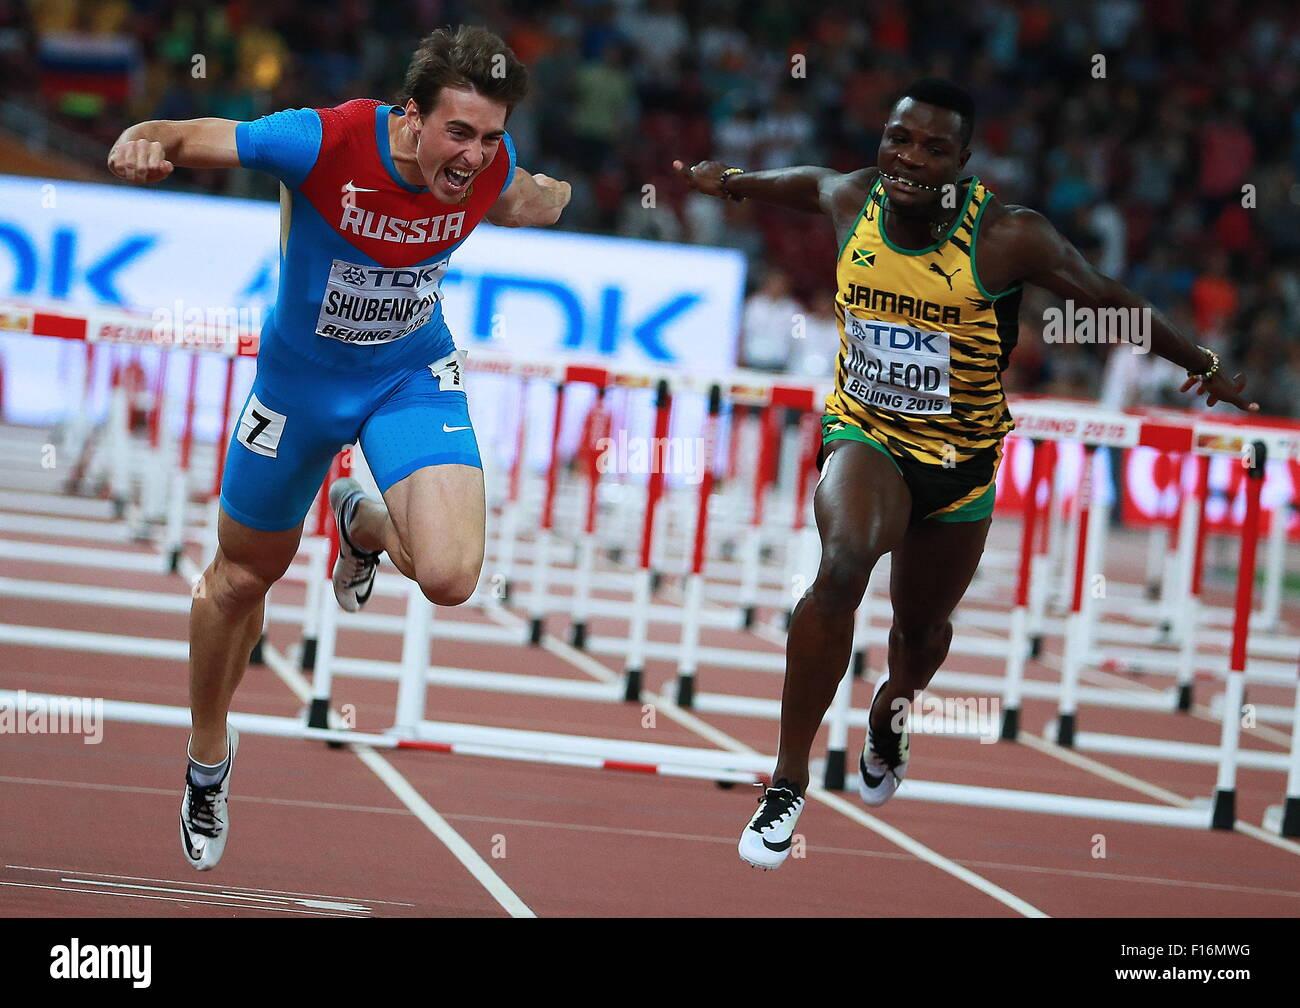 Beijing, Chine. Août 28, 2015. Médaille d'or de la Russie, Sergey Shubenkov (L) et la Jamaïque Photo Stock